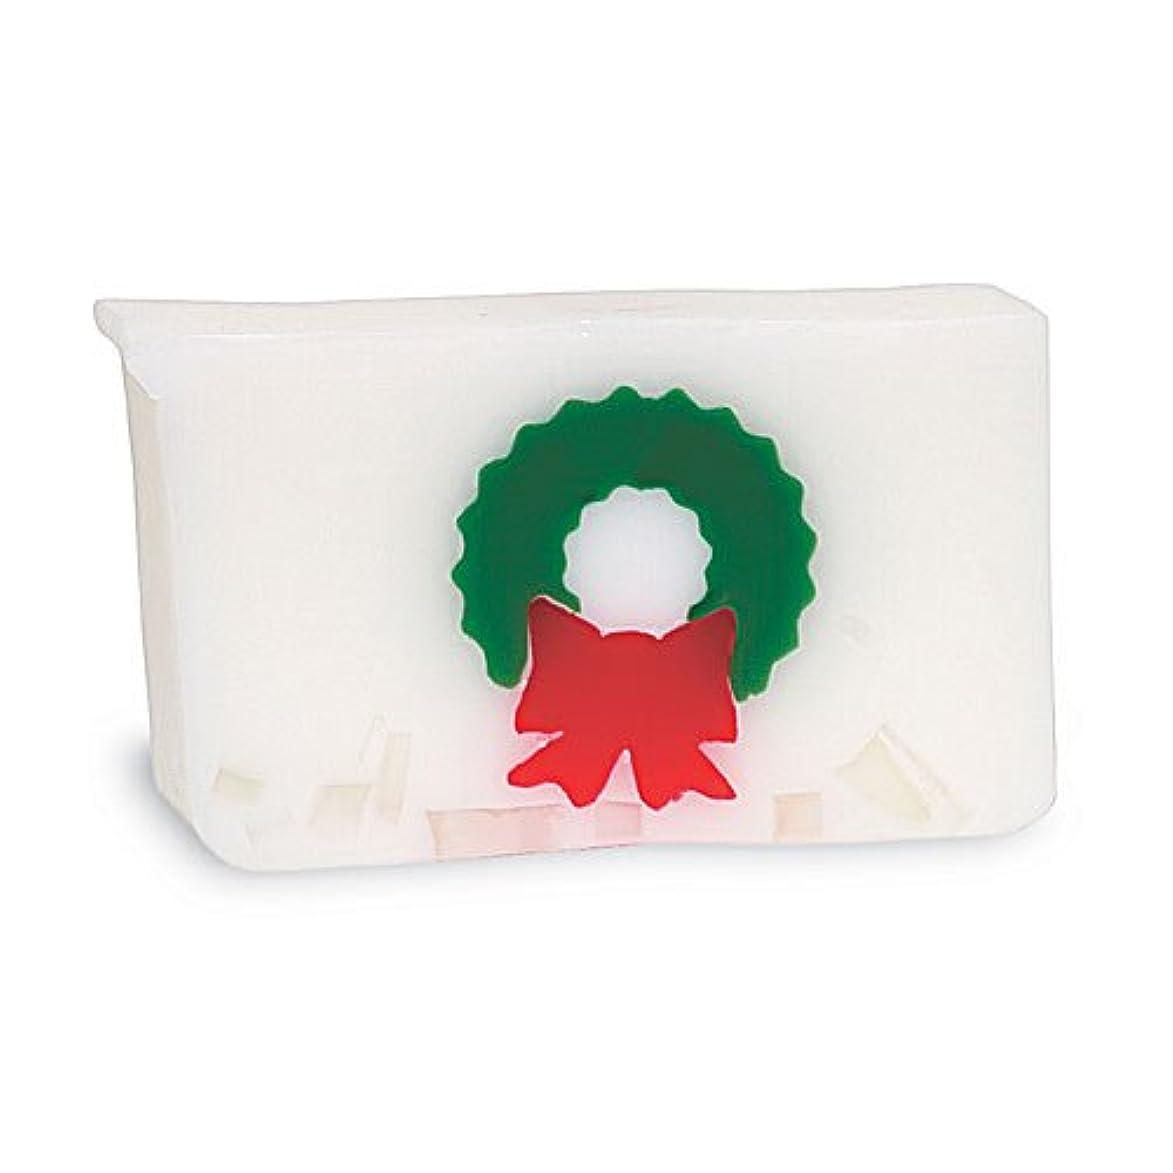 前書きアイデア狂気プライモールエレメンツ アロマティック ソープ クリスマスリース 180g 植物性 ナチュラル 石鹸 無添加